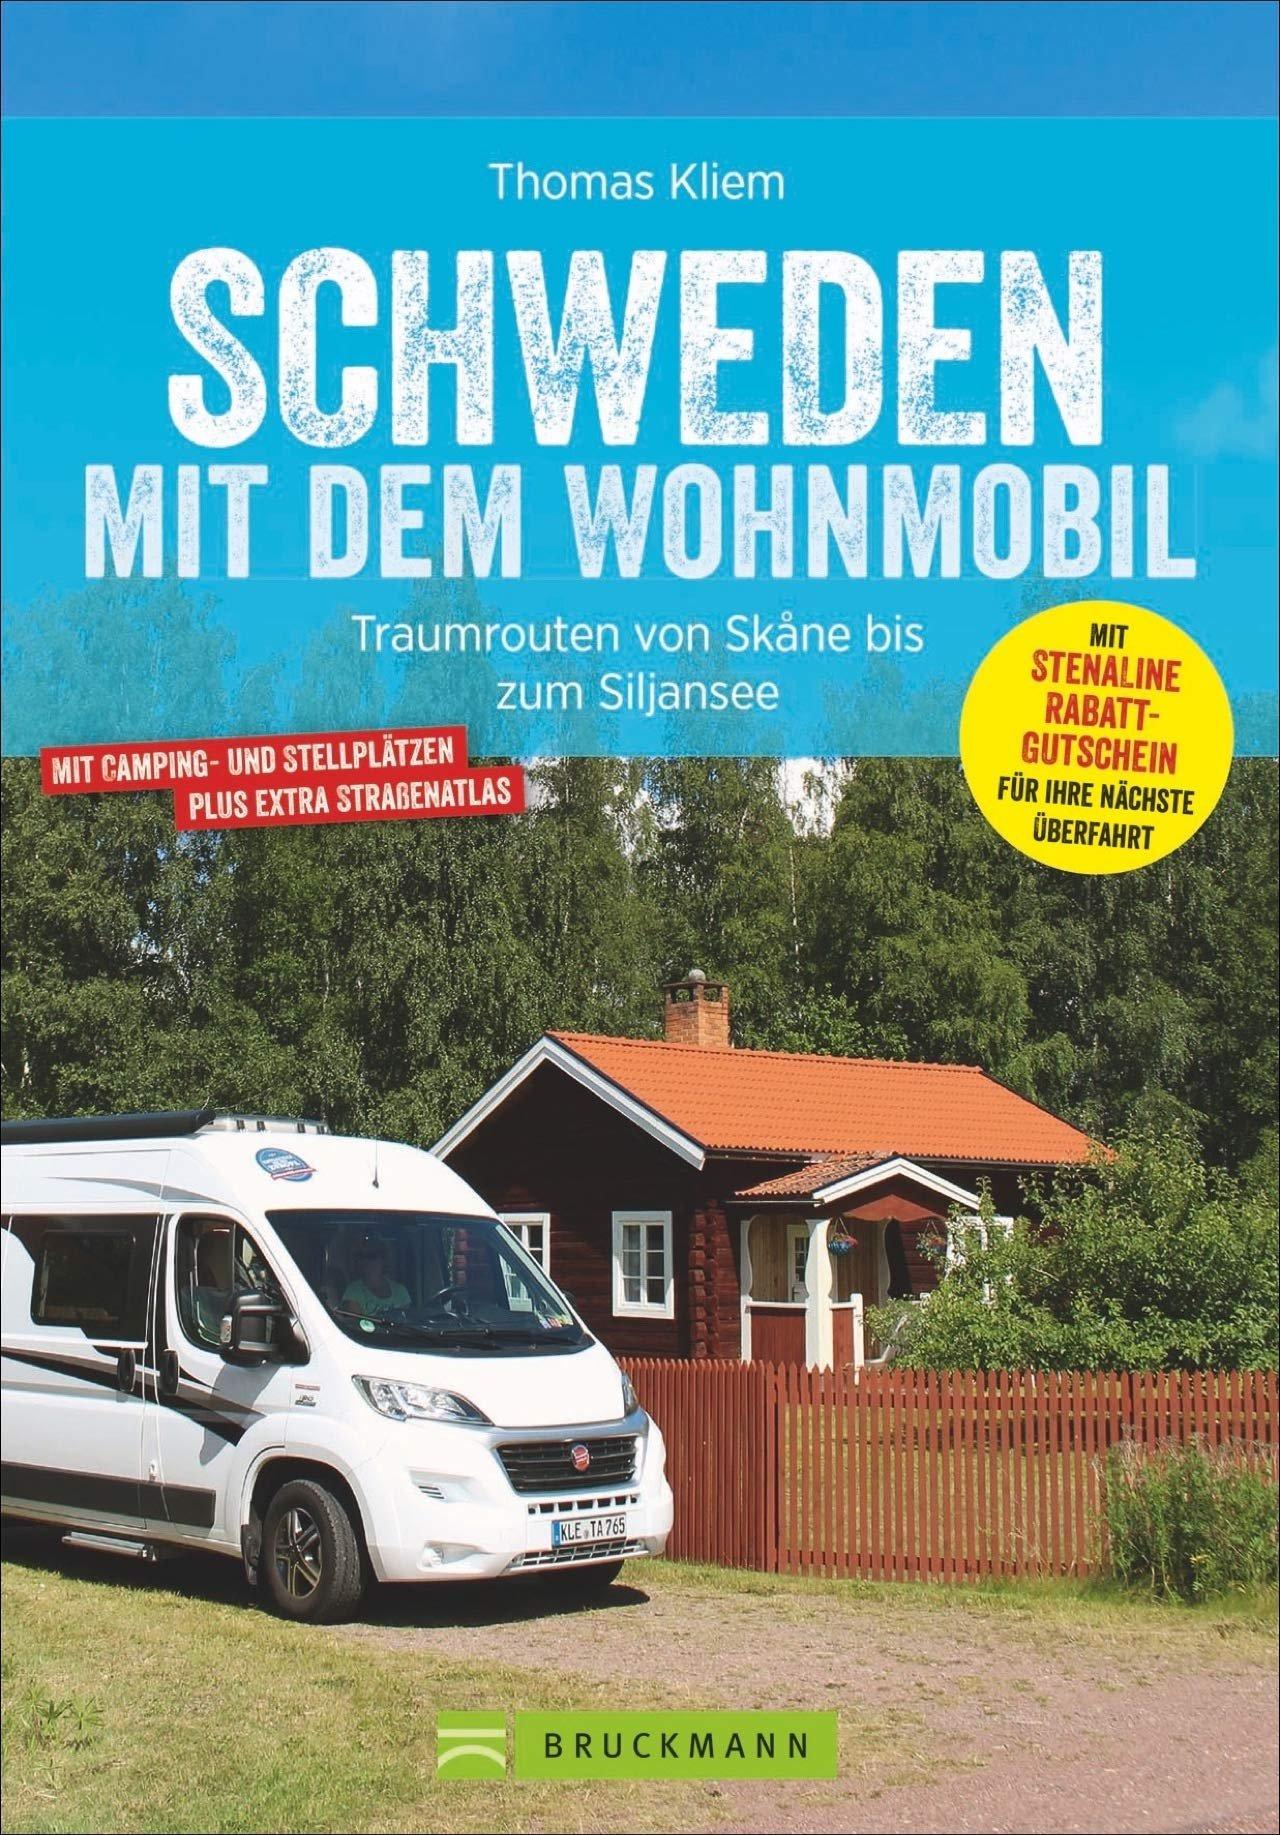 Schweden mit dem Wohnmobil 9783734316067  Bruckmann Bruckmann, mit dem Wohnmobil  Op reis met je camper, Reisgidsen, Wegenatlassen Zweden